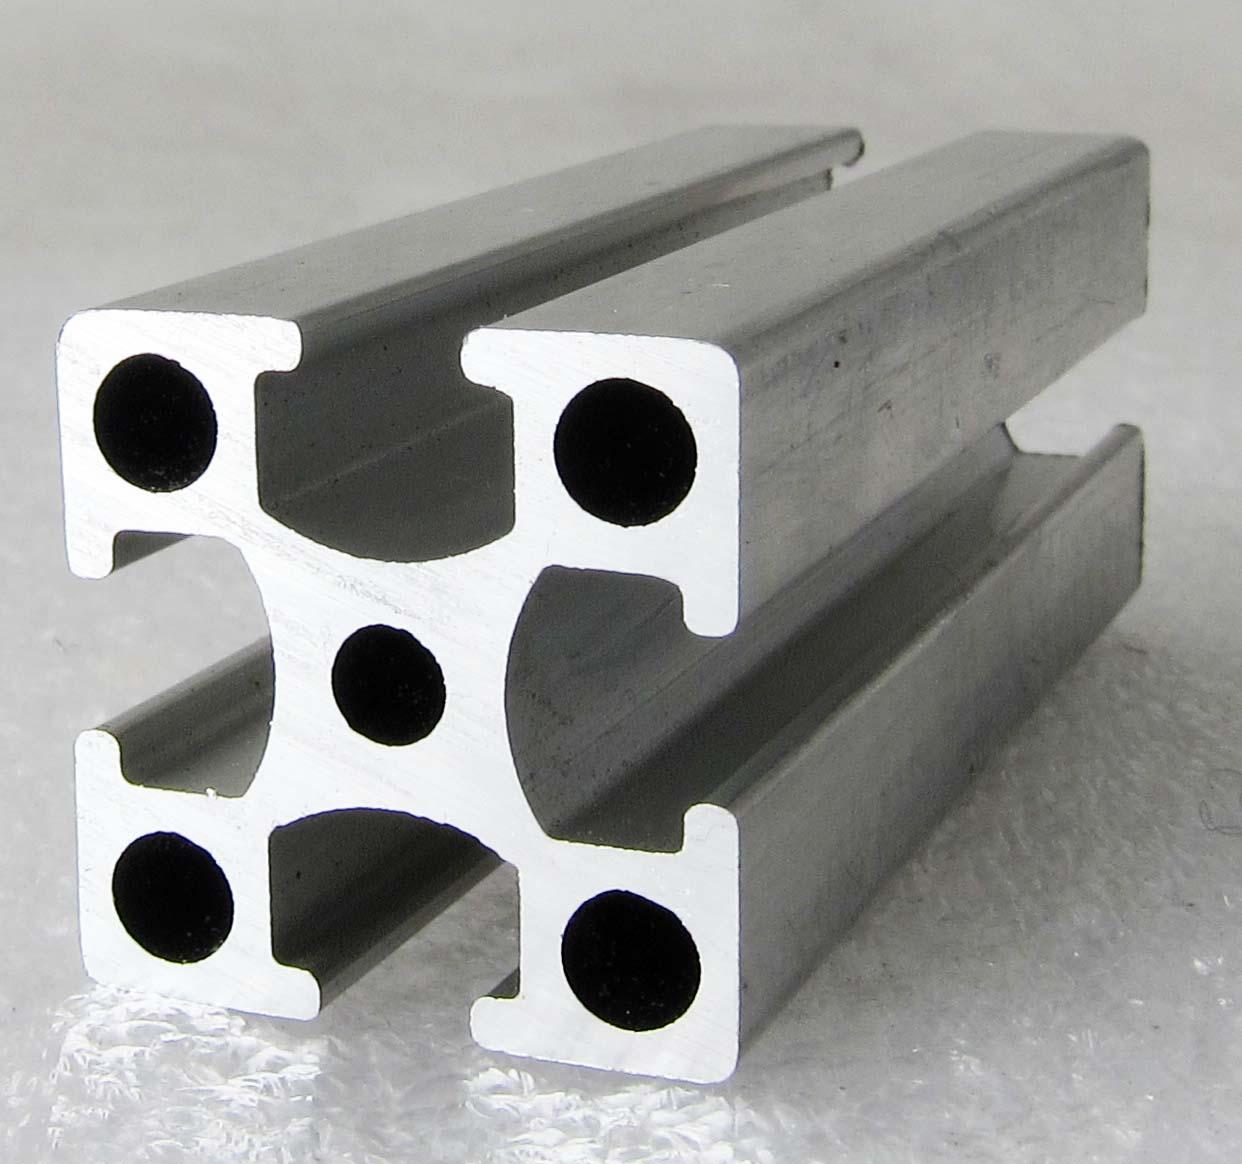 合格的铝型材是由苏州顺广精密提供    -铝型材AF2020哪家好